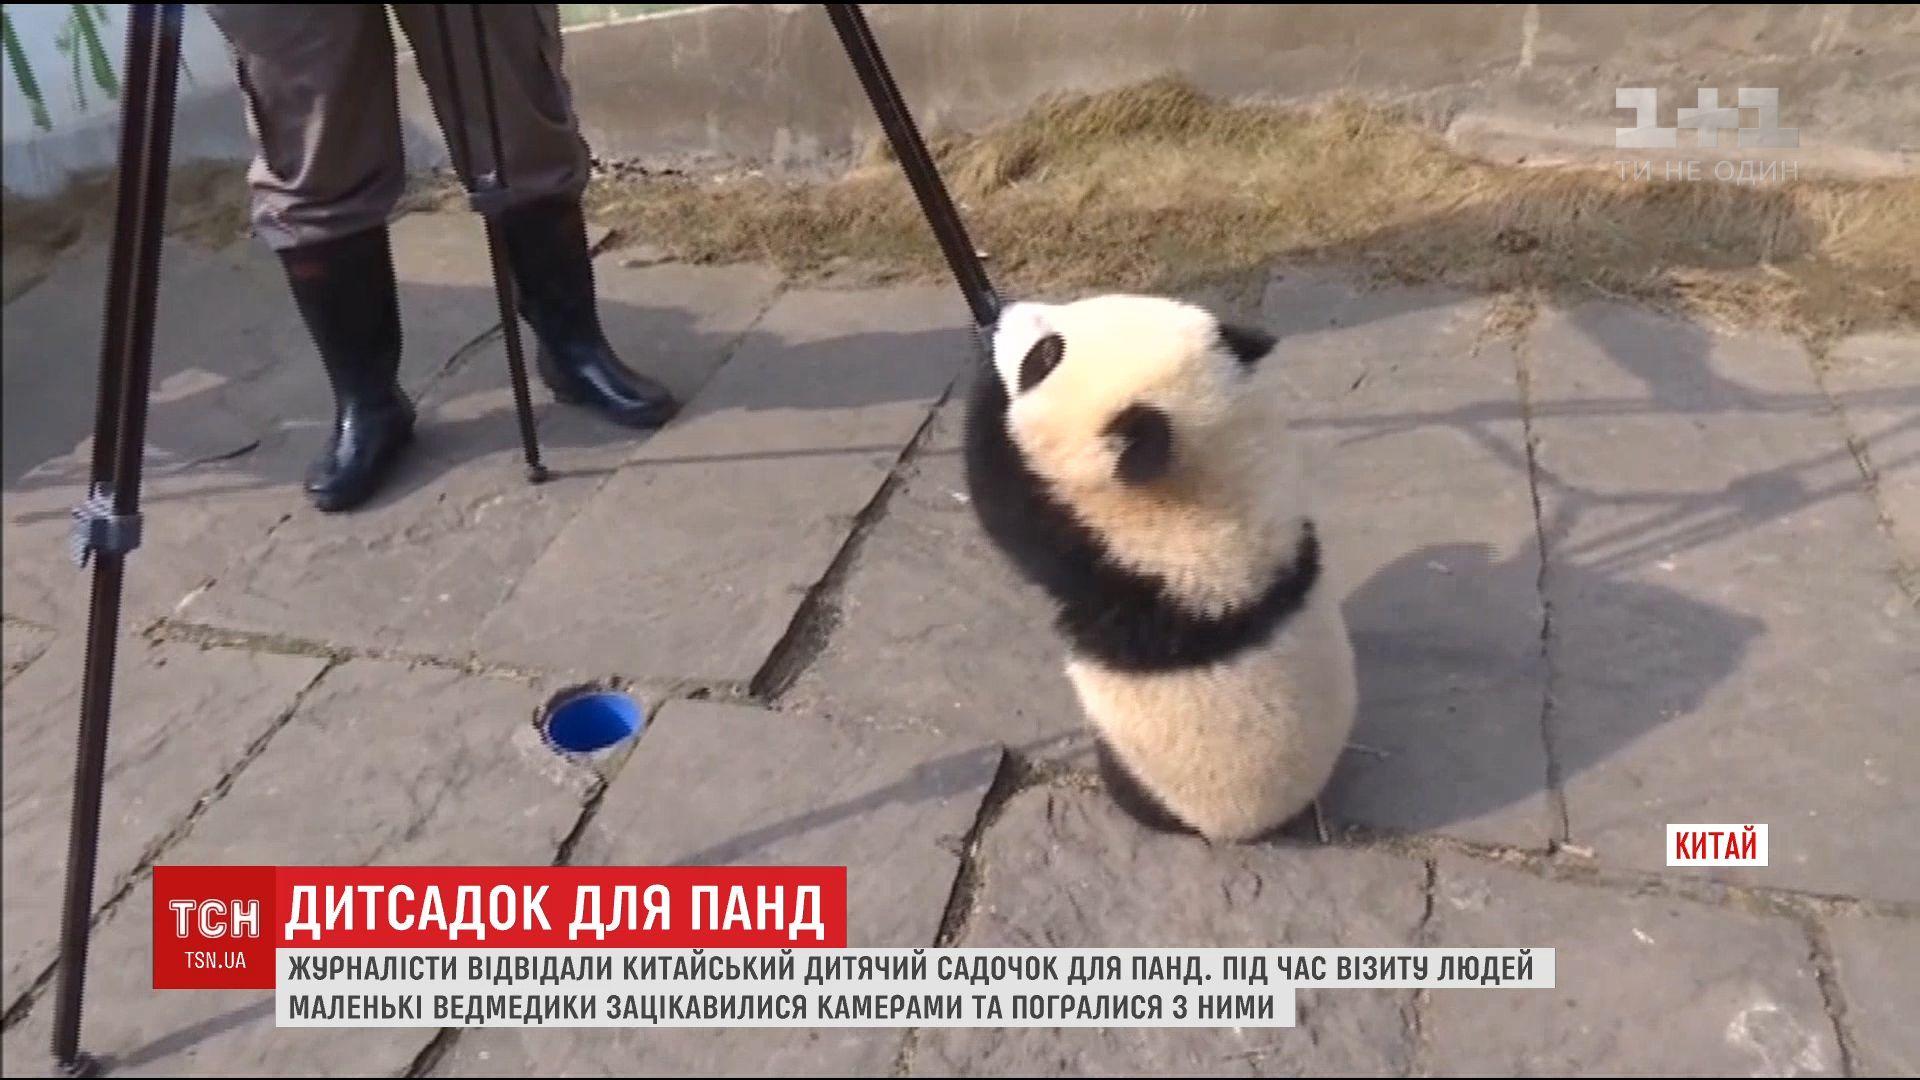 Китайским журналистам разрешили посетить детский сад для панд / кадр из видео ТСН